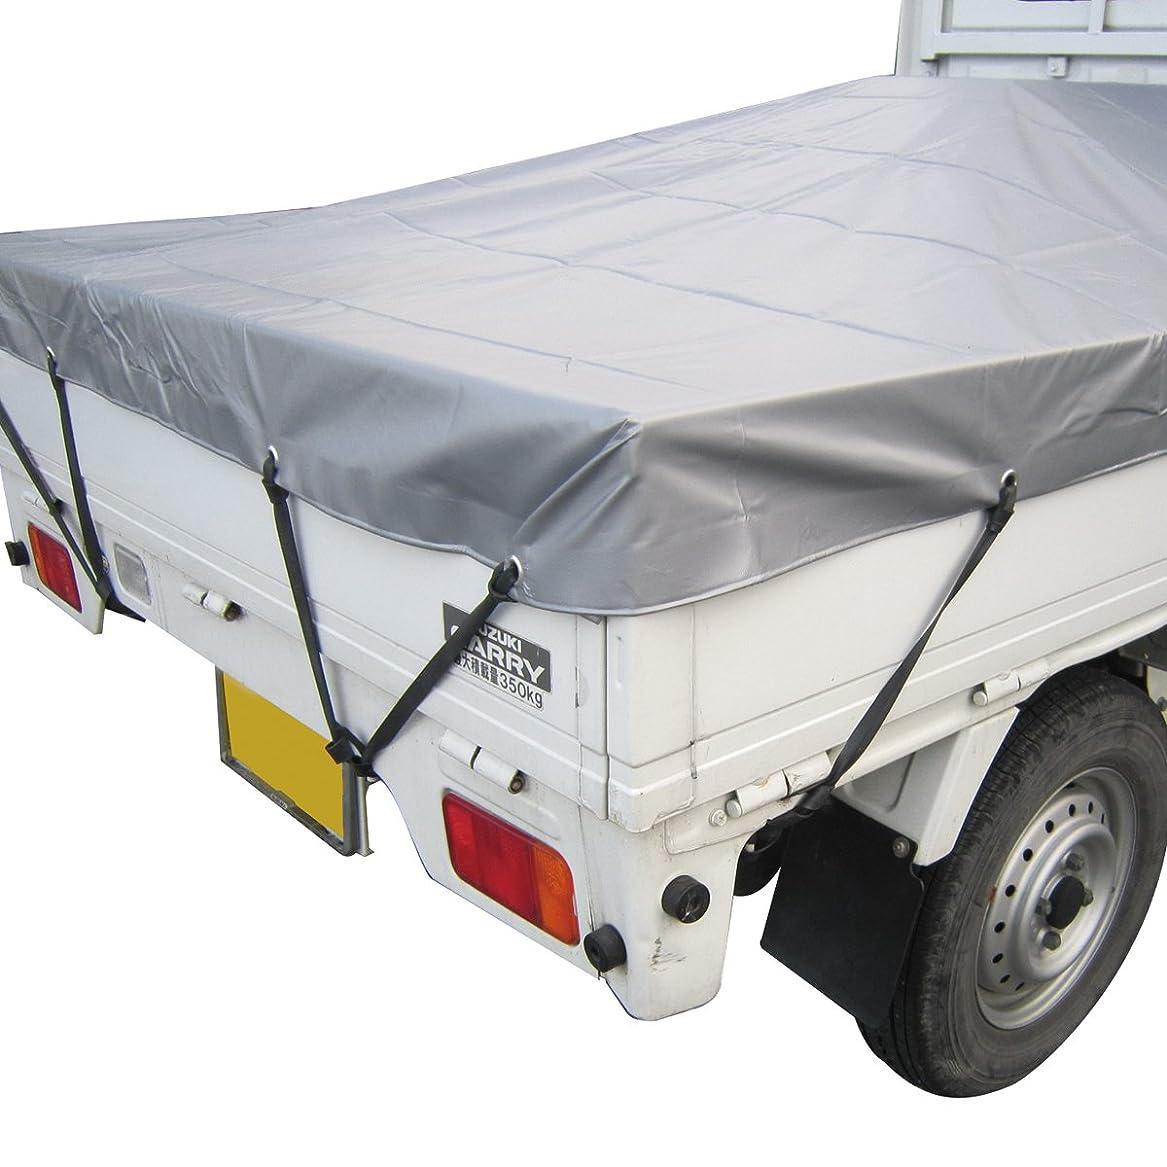 怒って例外戦術monomania 軽トラック 荷台用シート トラックシート 丈夫な防水仕様 軽トラシート シルバー 1.7m×2.1m 固定用ゴムバンド付